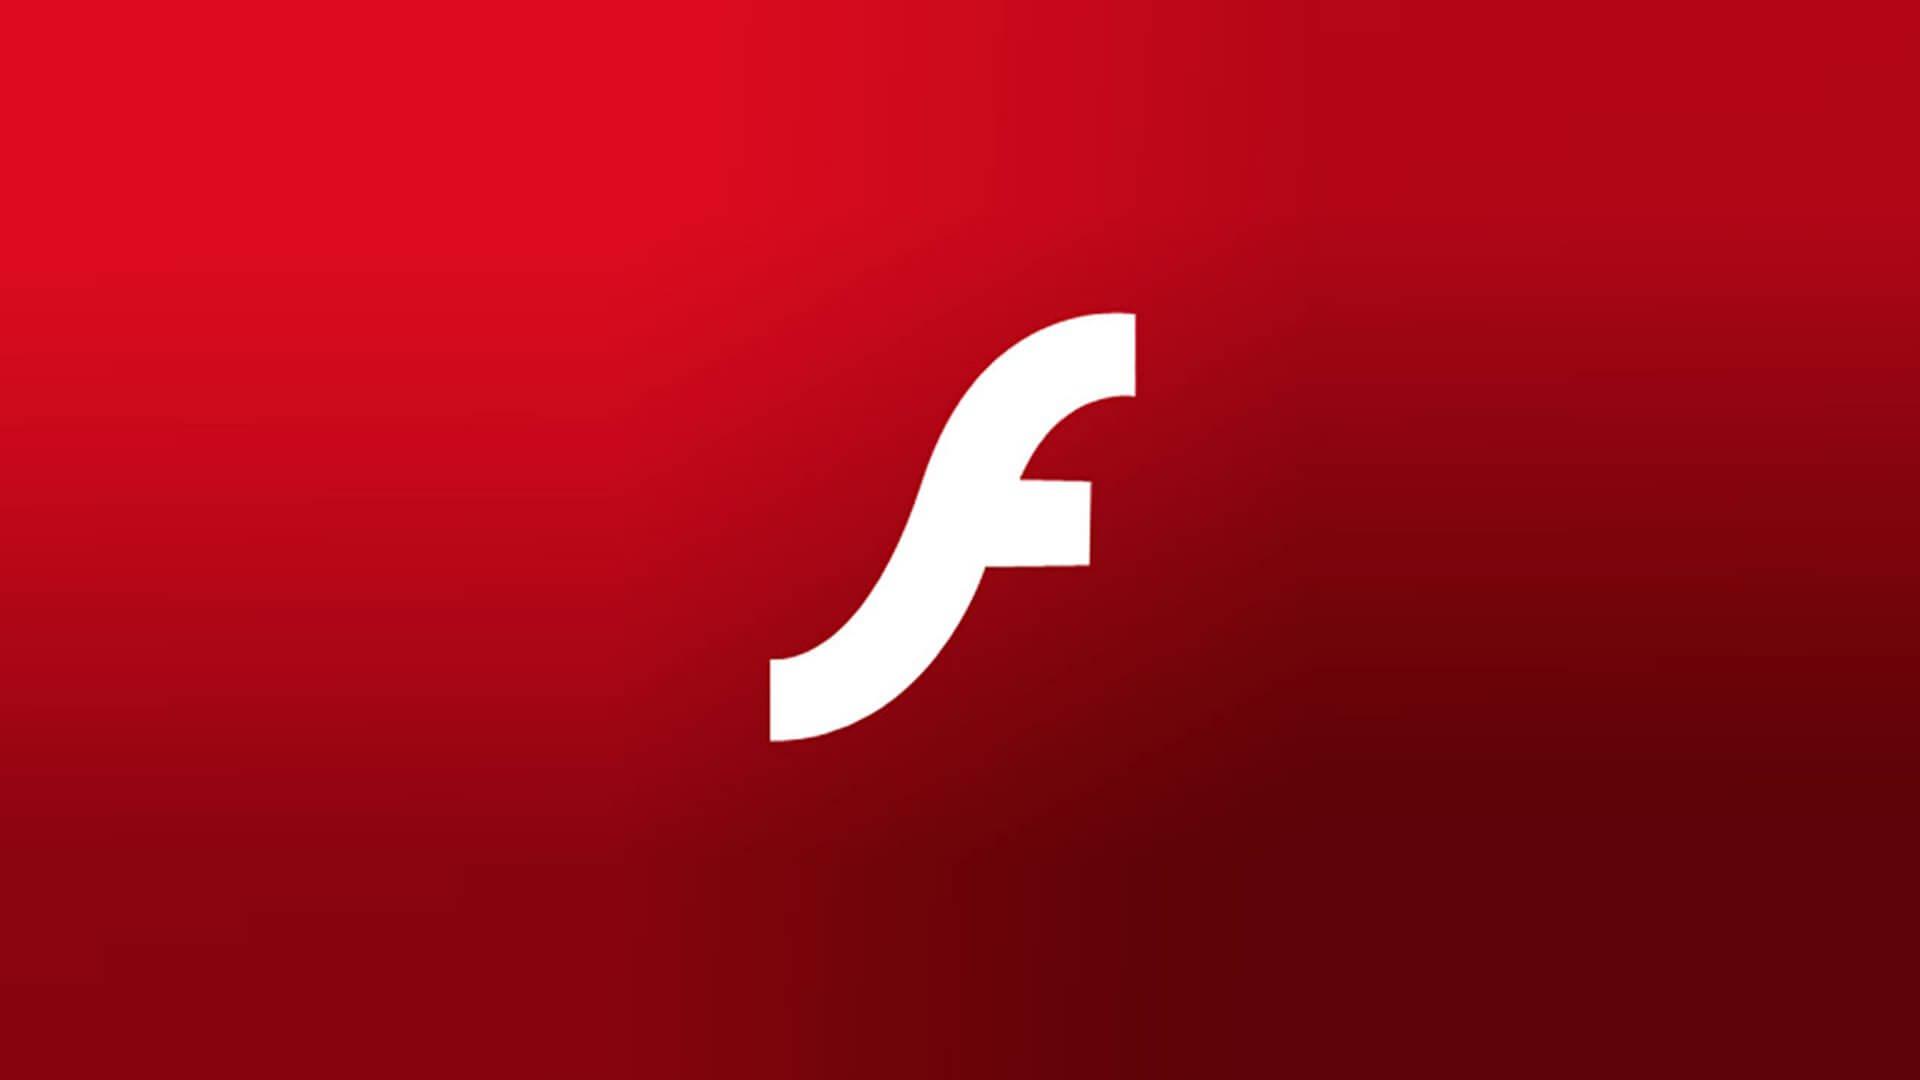 Microsoft finaliza el soporte para Flash Player en Edge y Windows 10